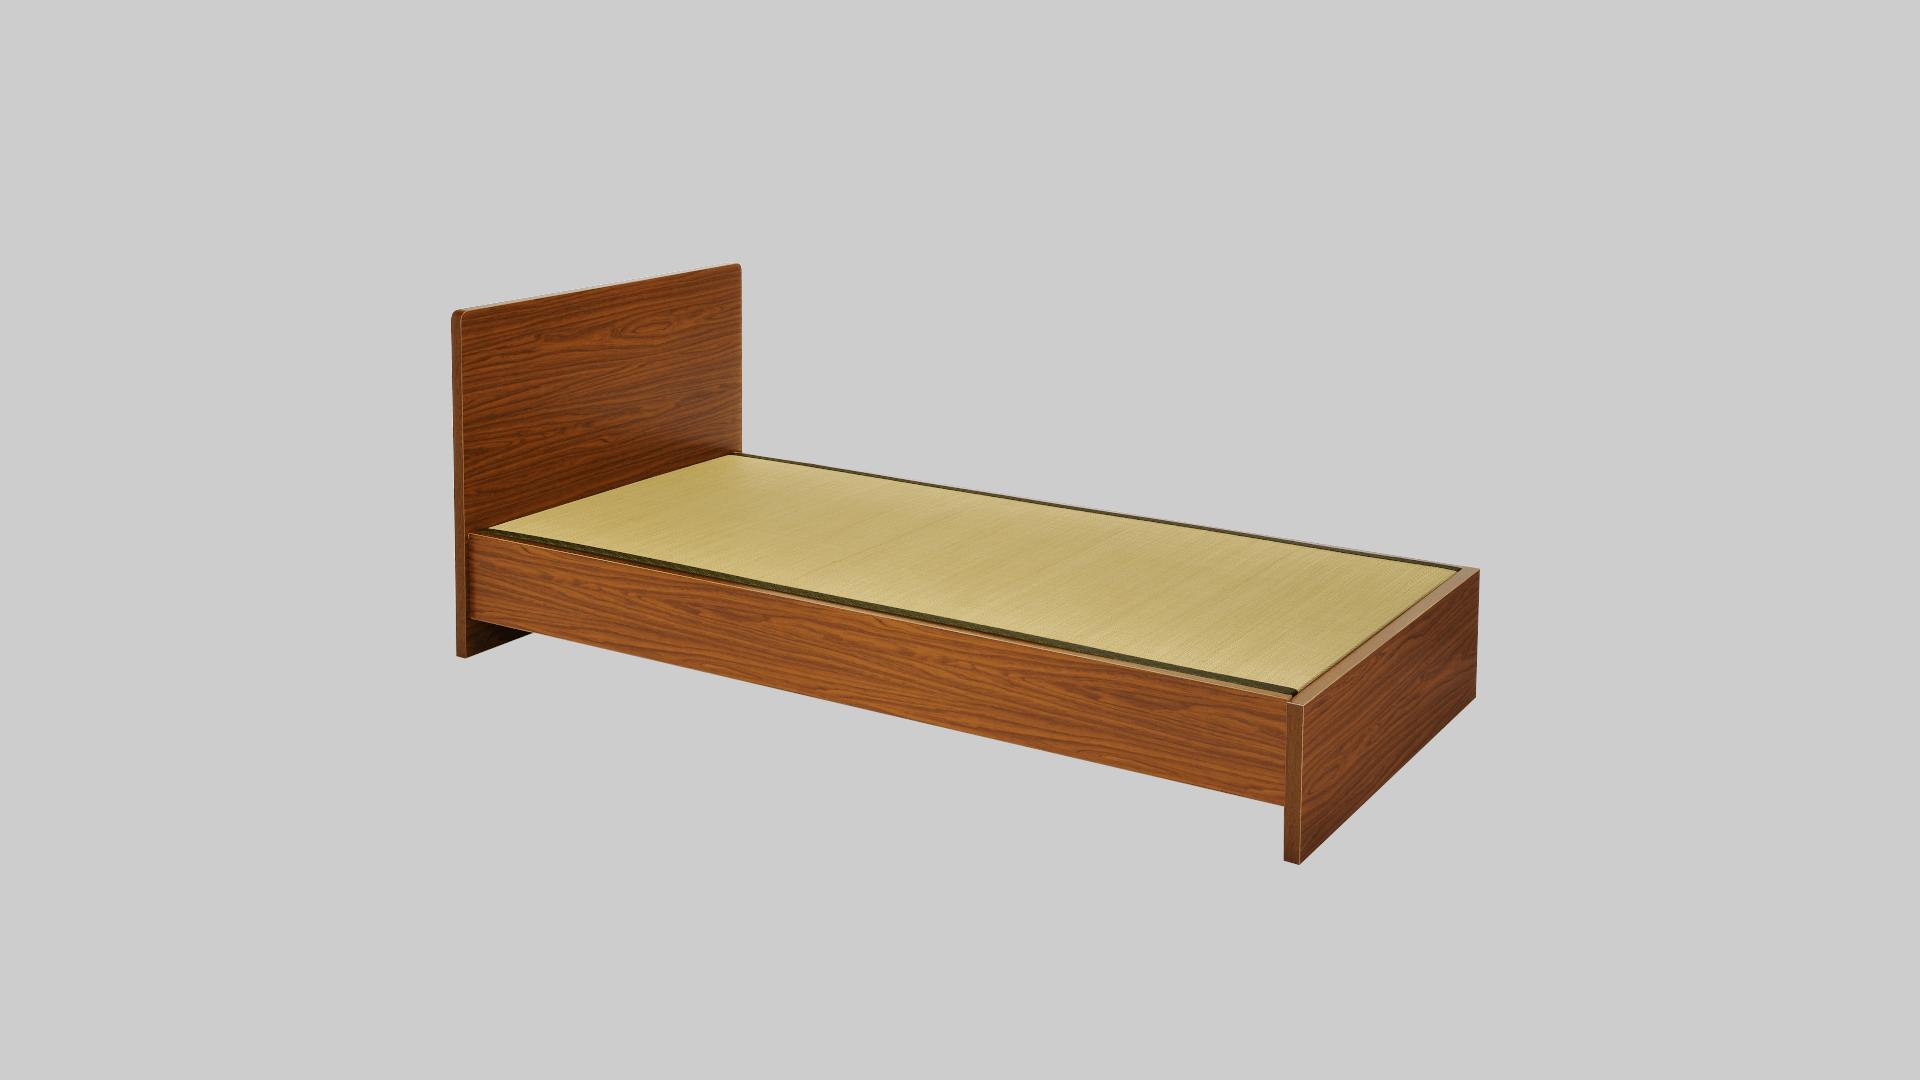 木製ベット11 イメージ